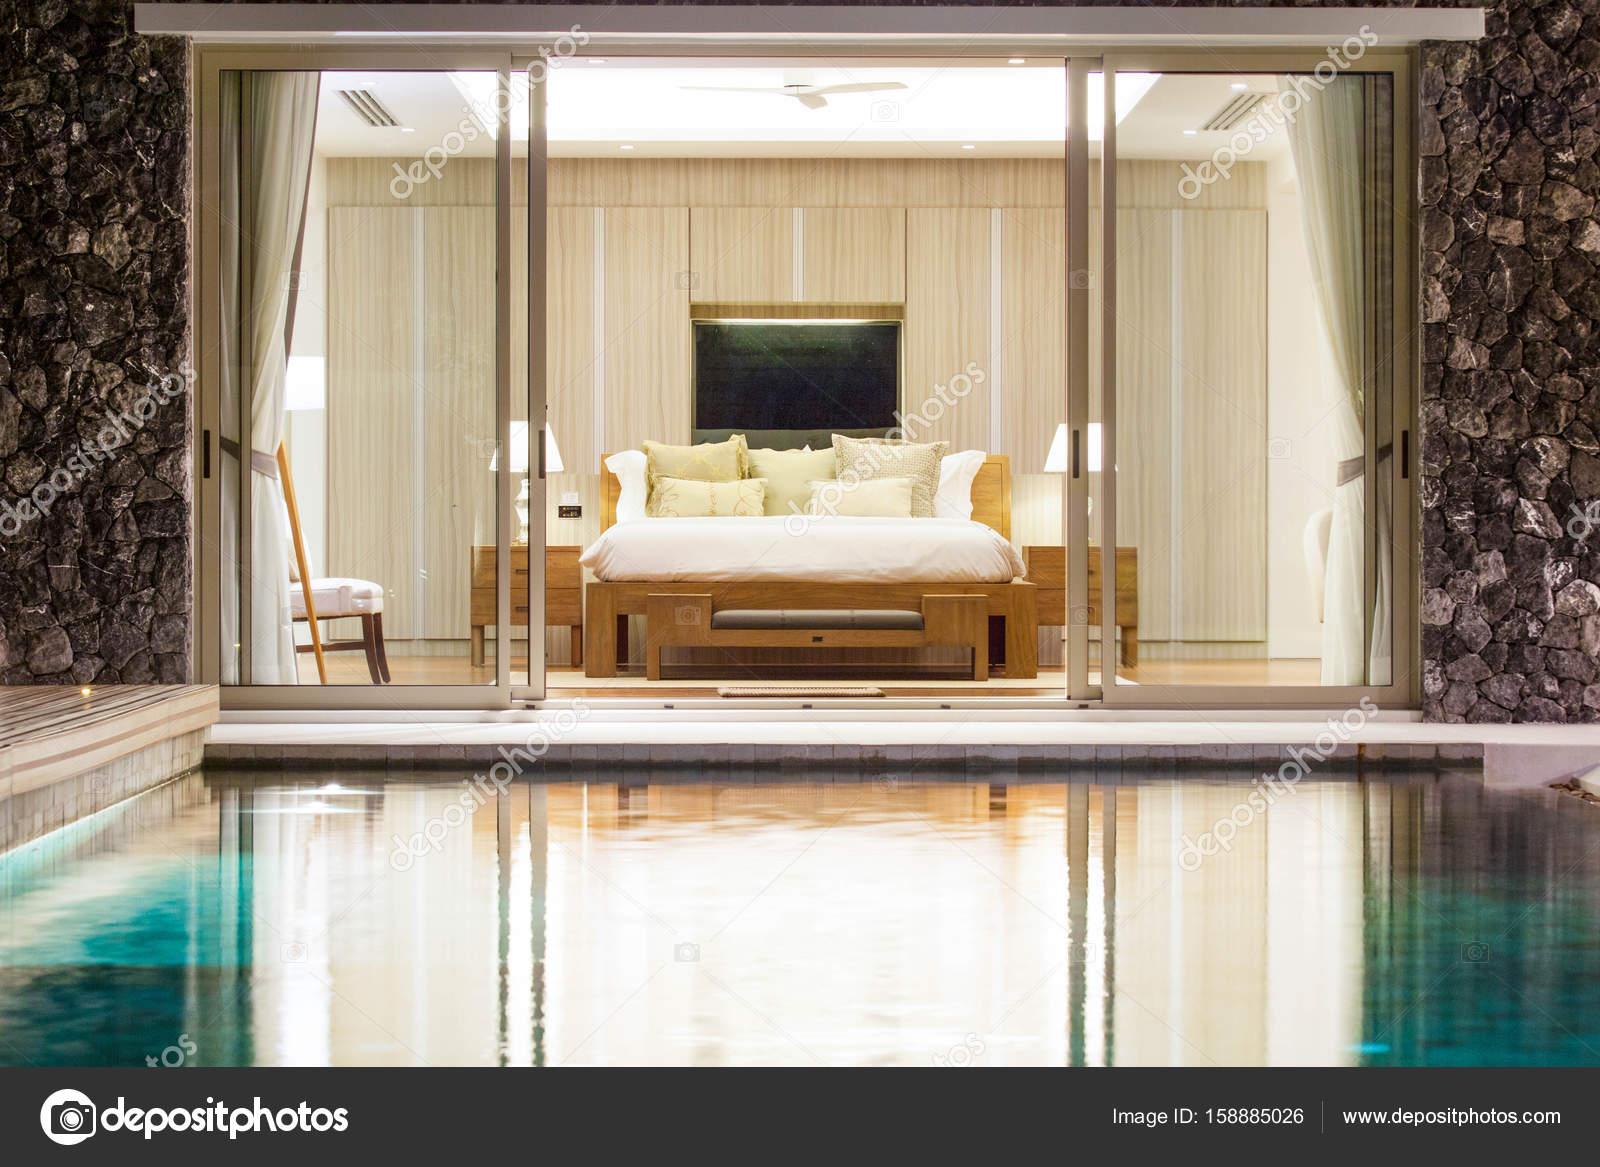 Lieblich Luxus Interieur Design Im Schlafzimmer Pool Villa Mit Gemütlichen Kingsize  Bett. Schlafzimmer Mit